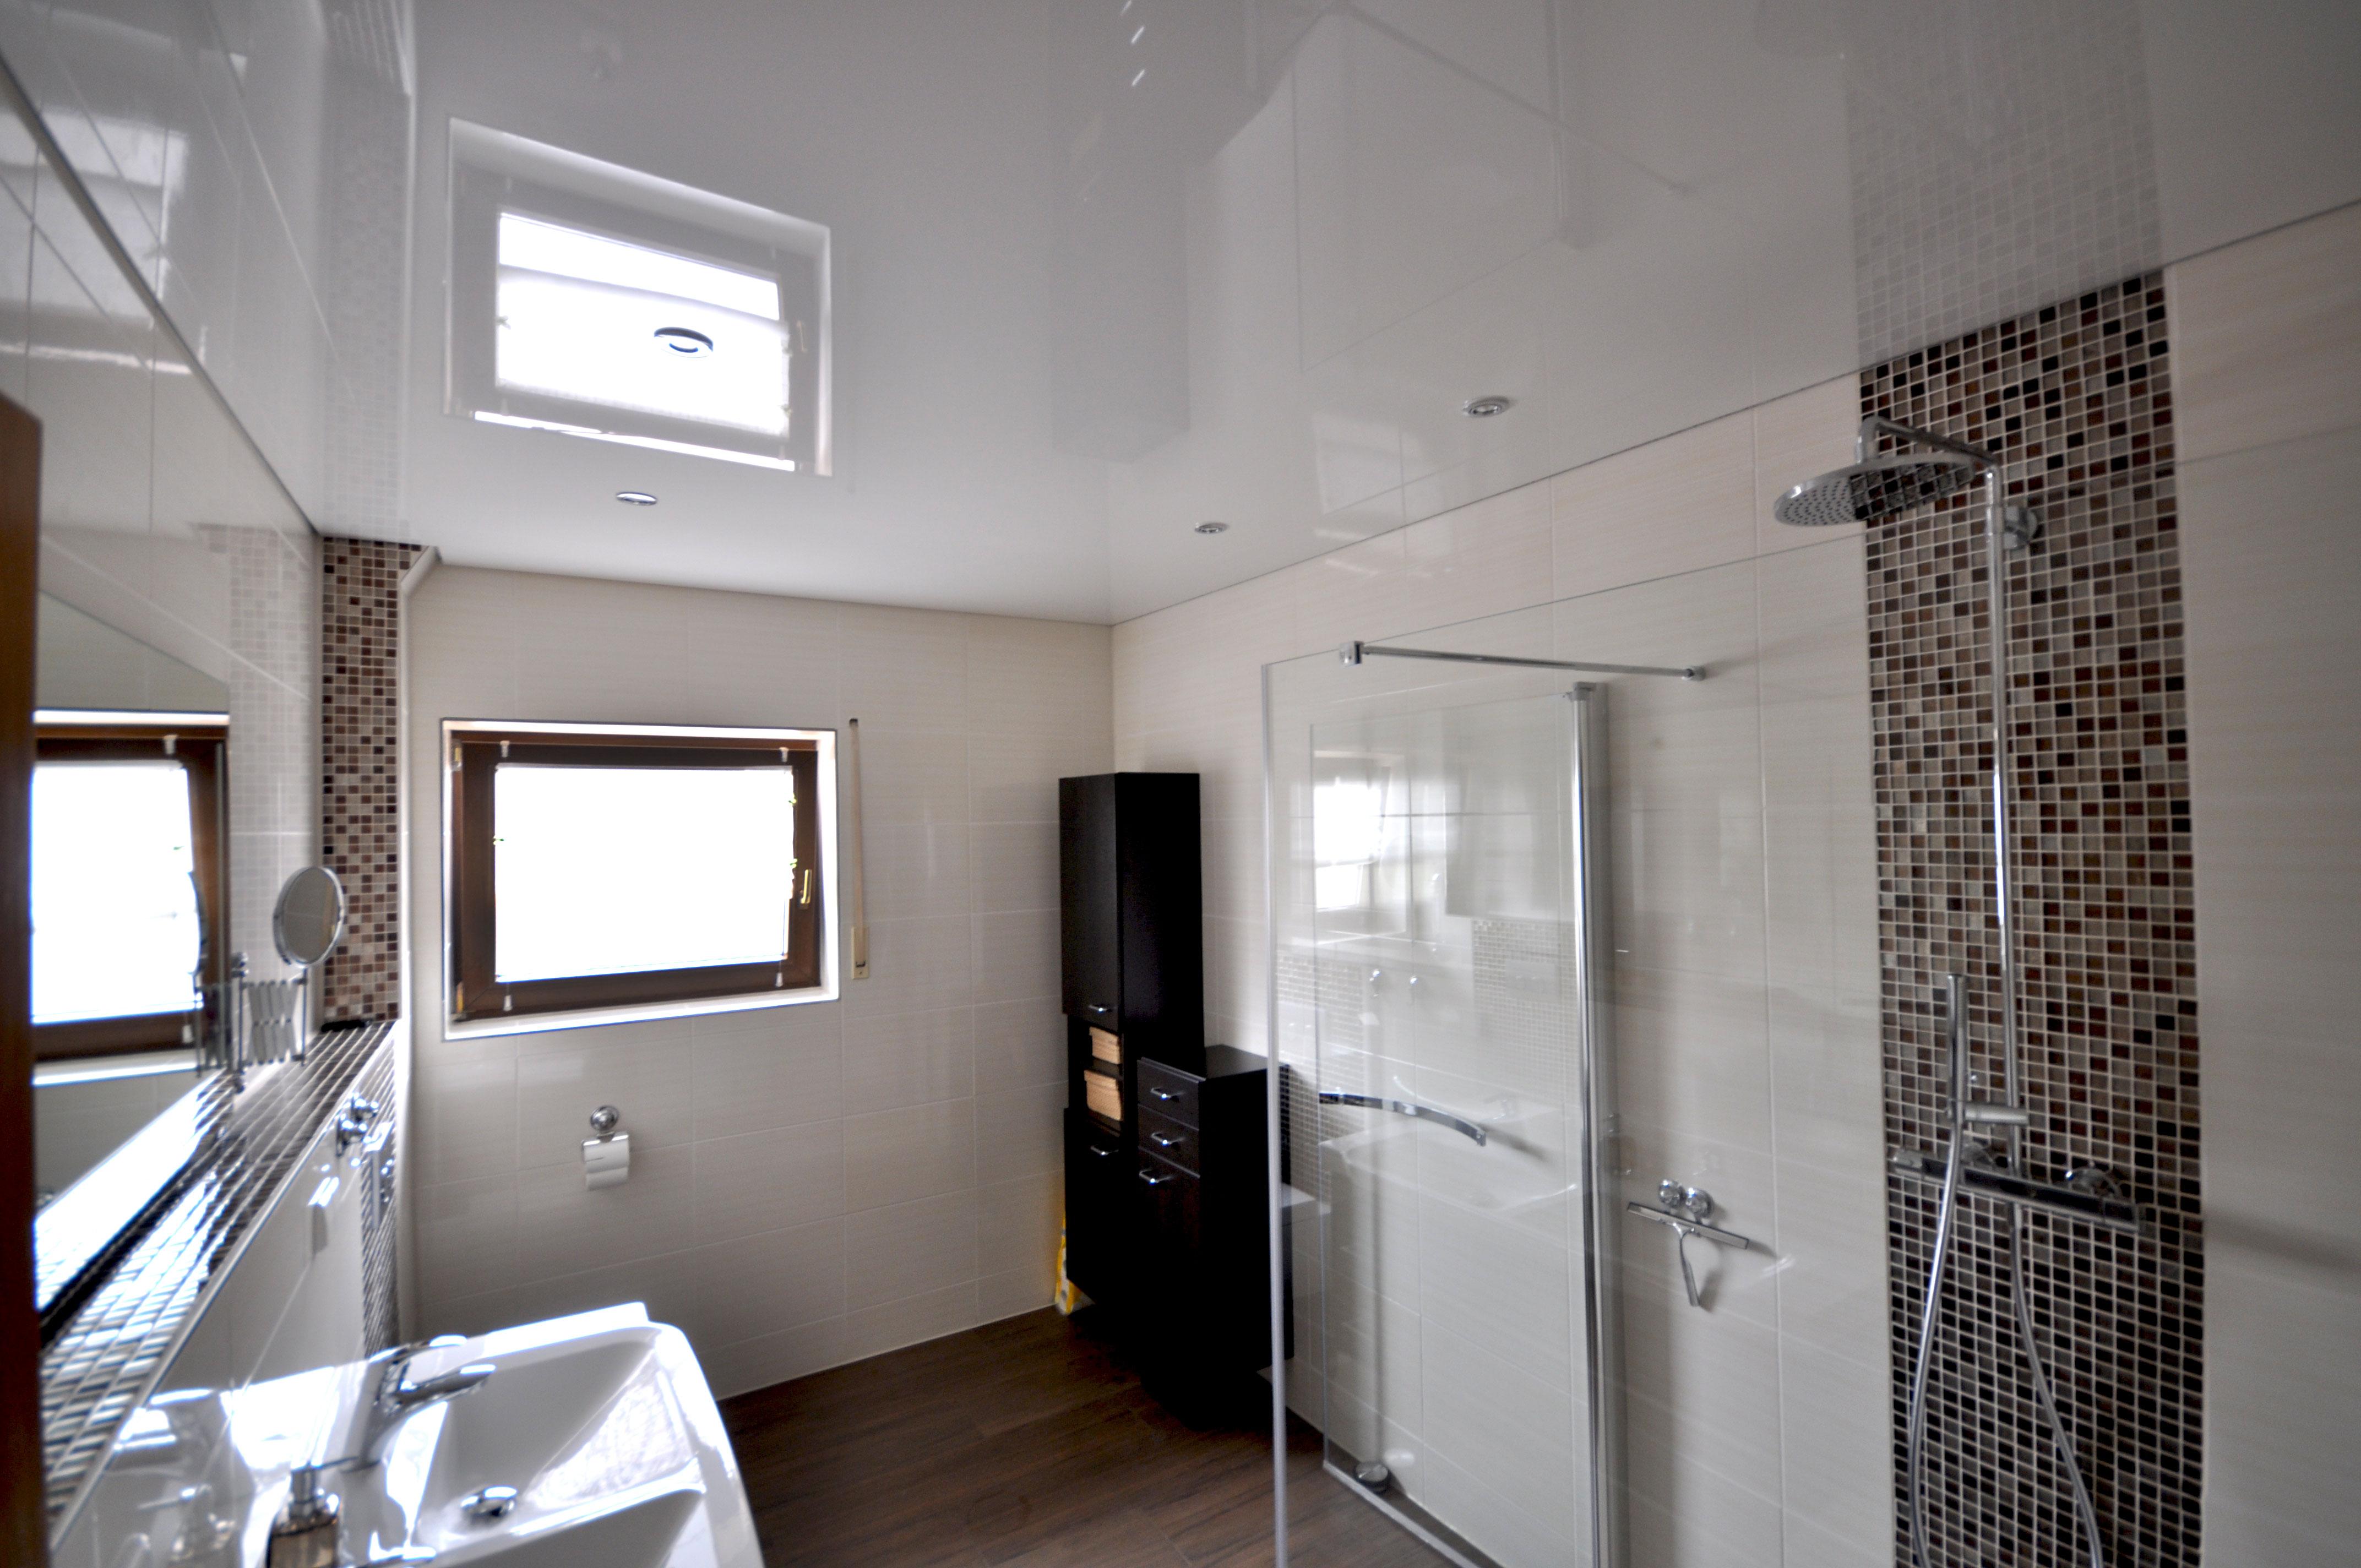 spanndecken im badezimmer spanndecken duesseldorf dortmund. Black Bedroom Furniture Sets. Home Design Ideas